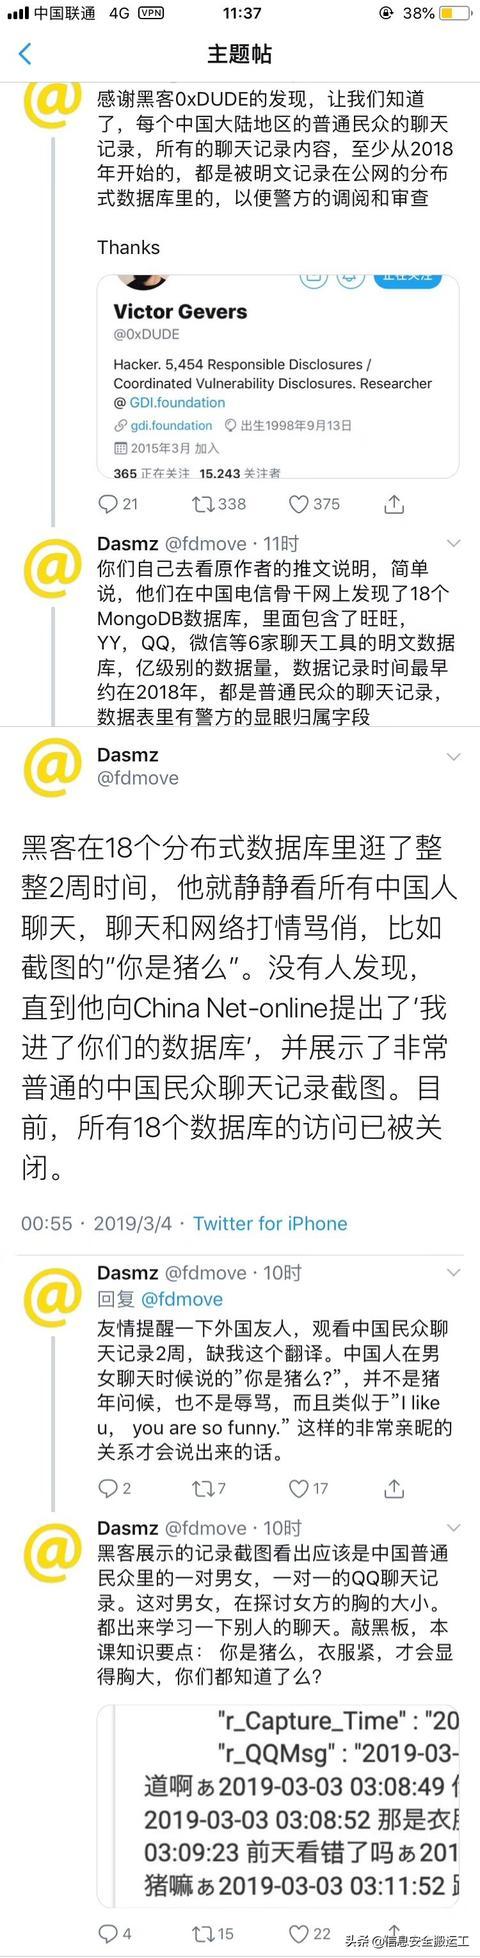 疑似旺旺、YY、QQ、微信等6家聊天工具的明文数据库被放在公网